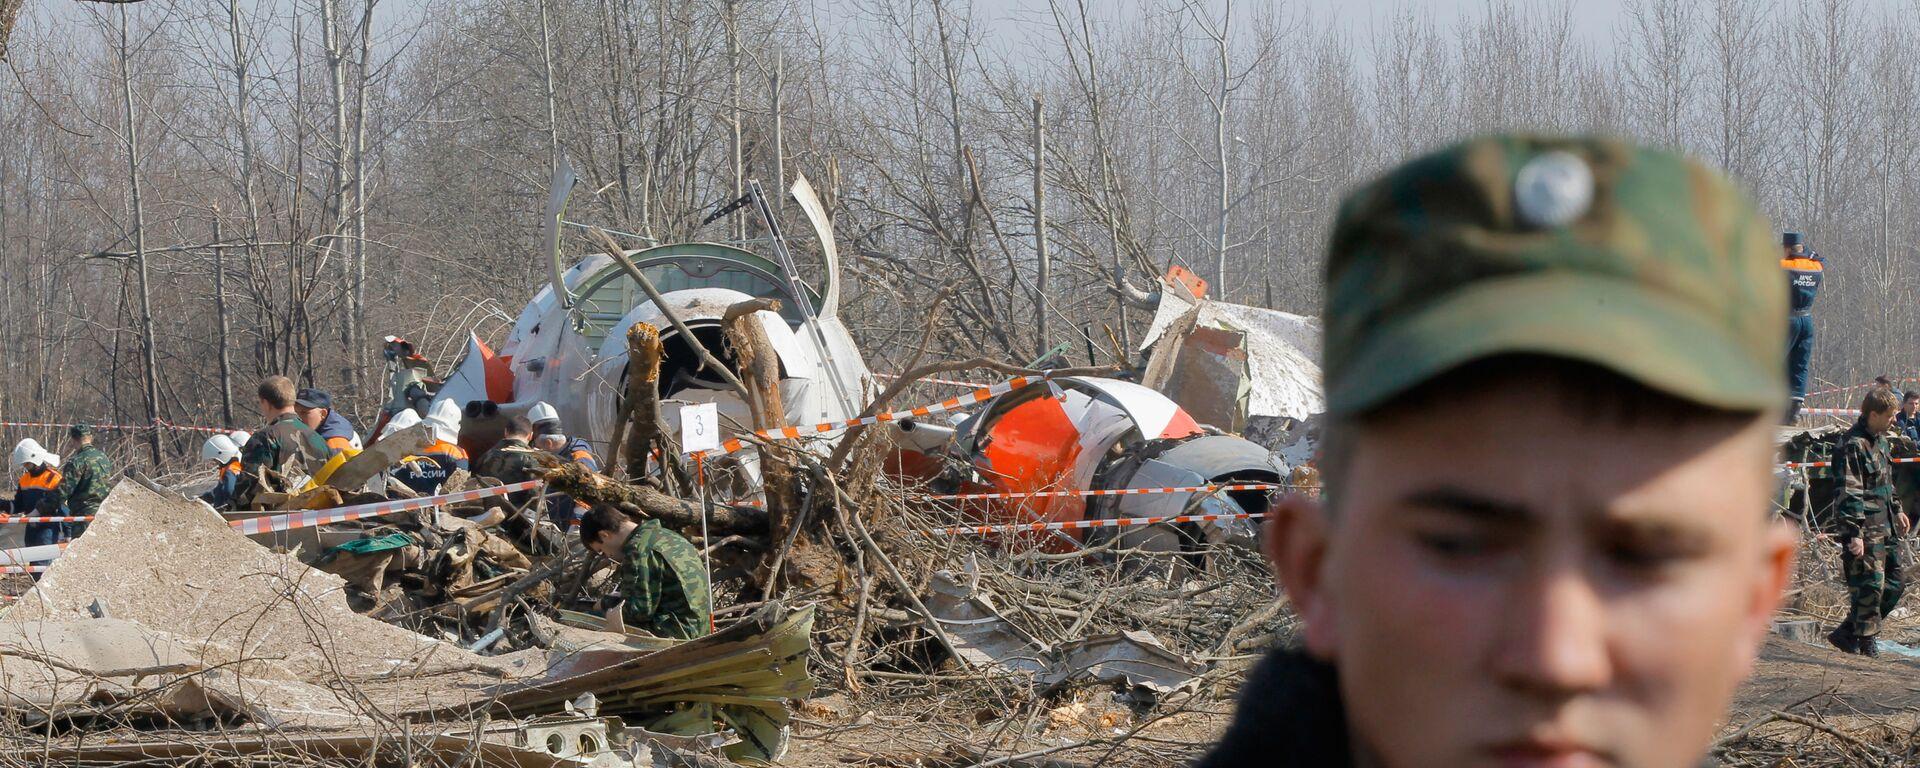 Służby ratunkowe na miejscu katastrofy polskiego samolotu rządowego Tu-154 pod Smoleńskiem - Sputnik Polska, 1920, 12.03.2021